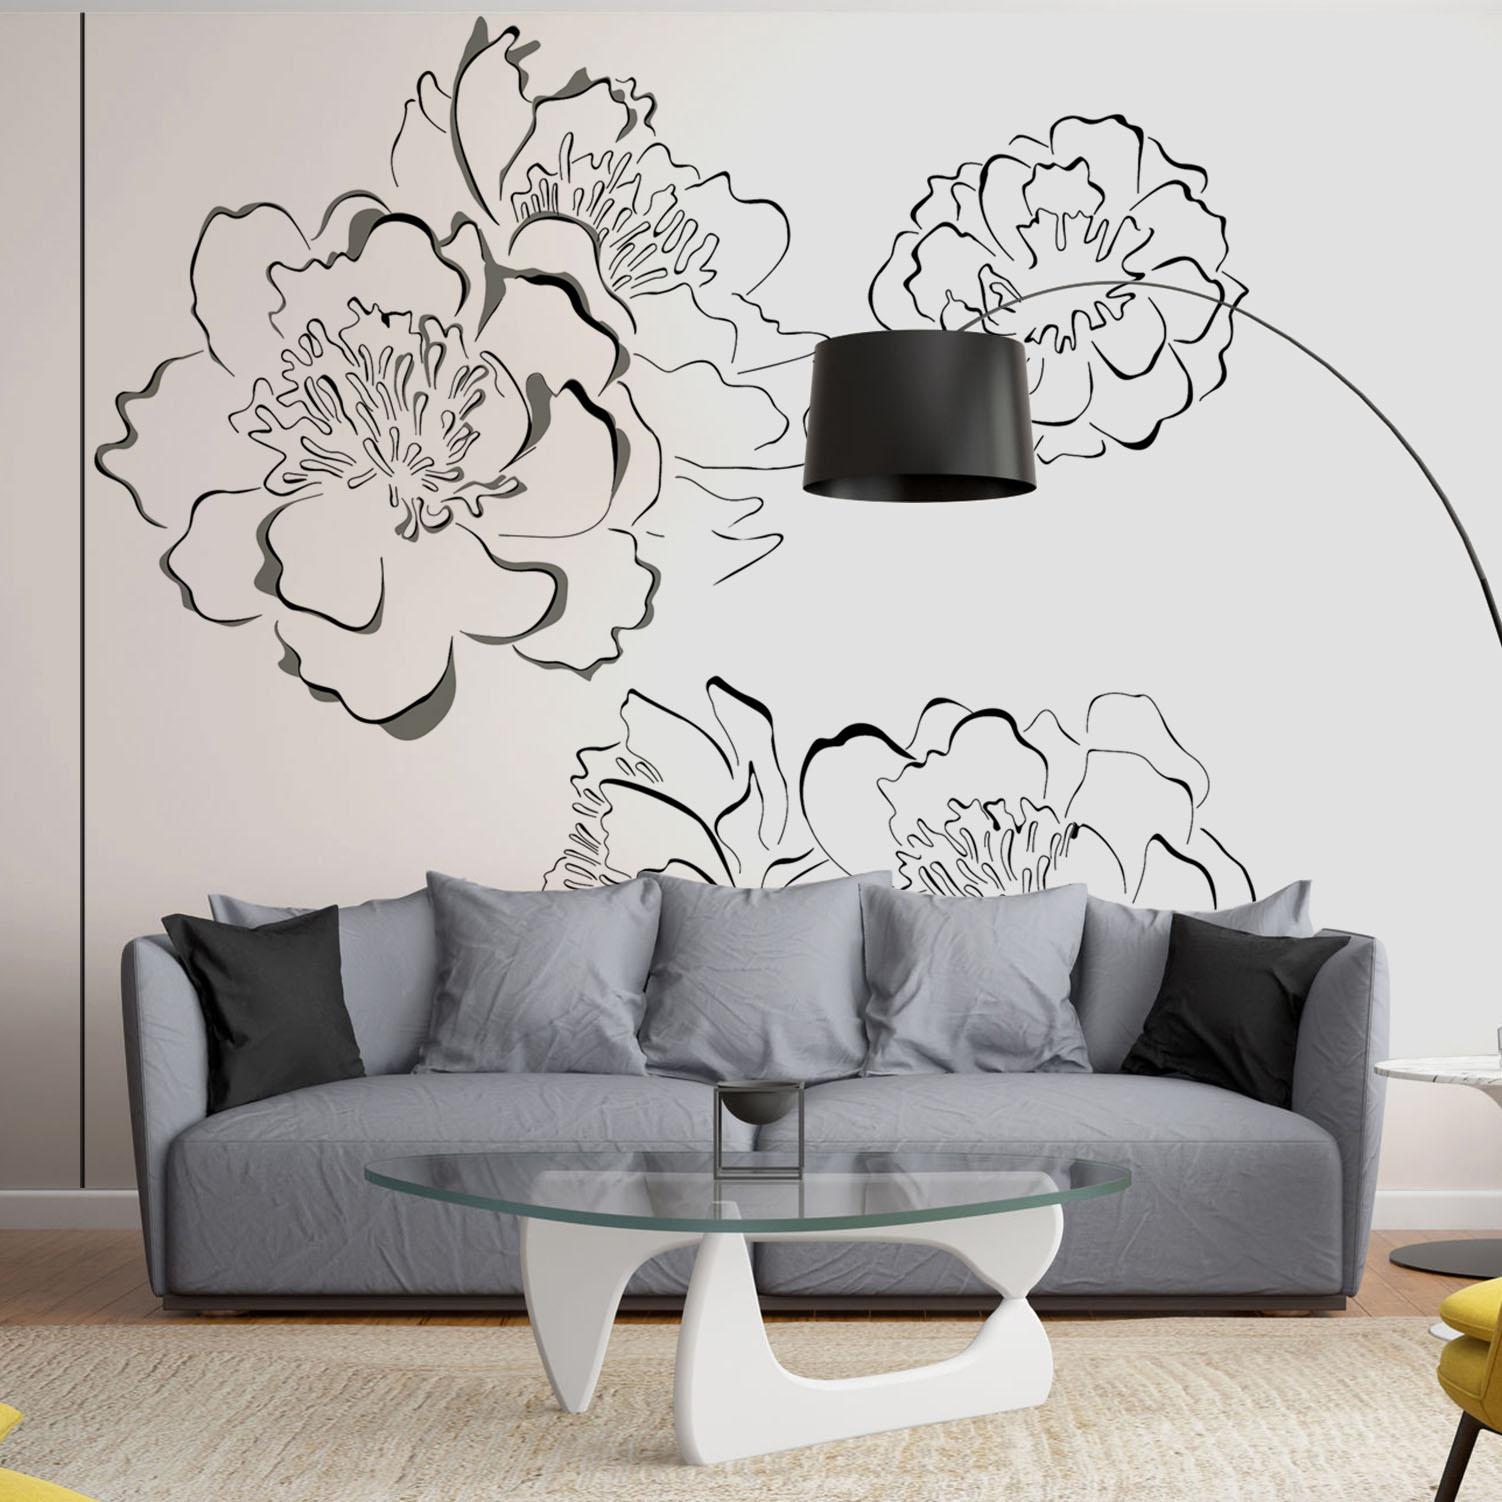 Mur d'image géant bouquets de fleurs